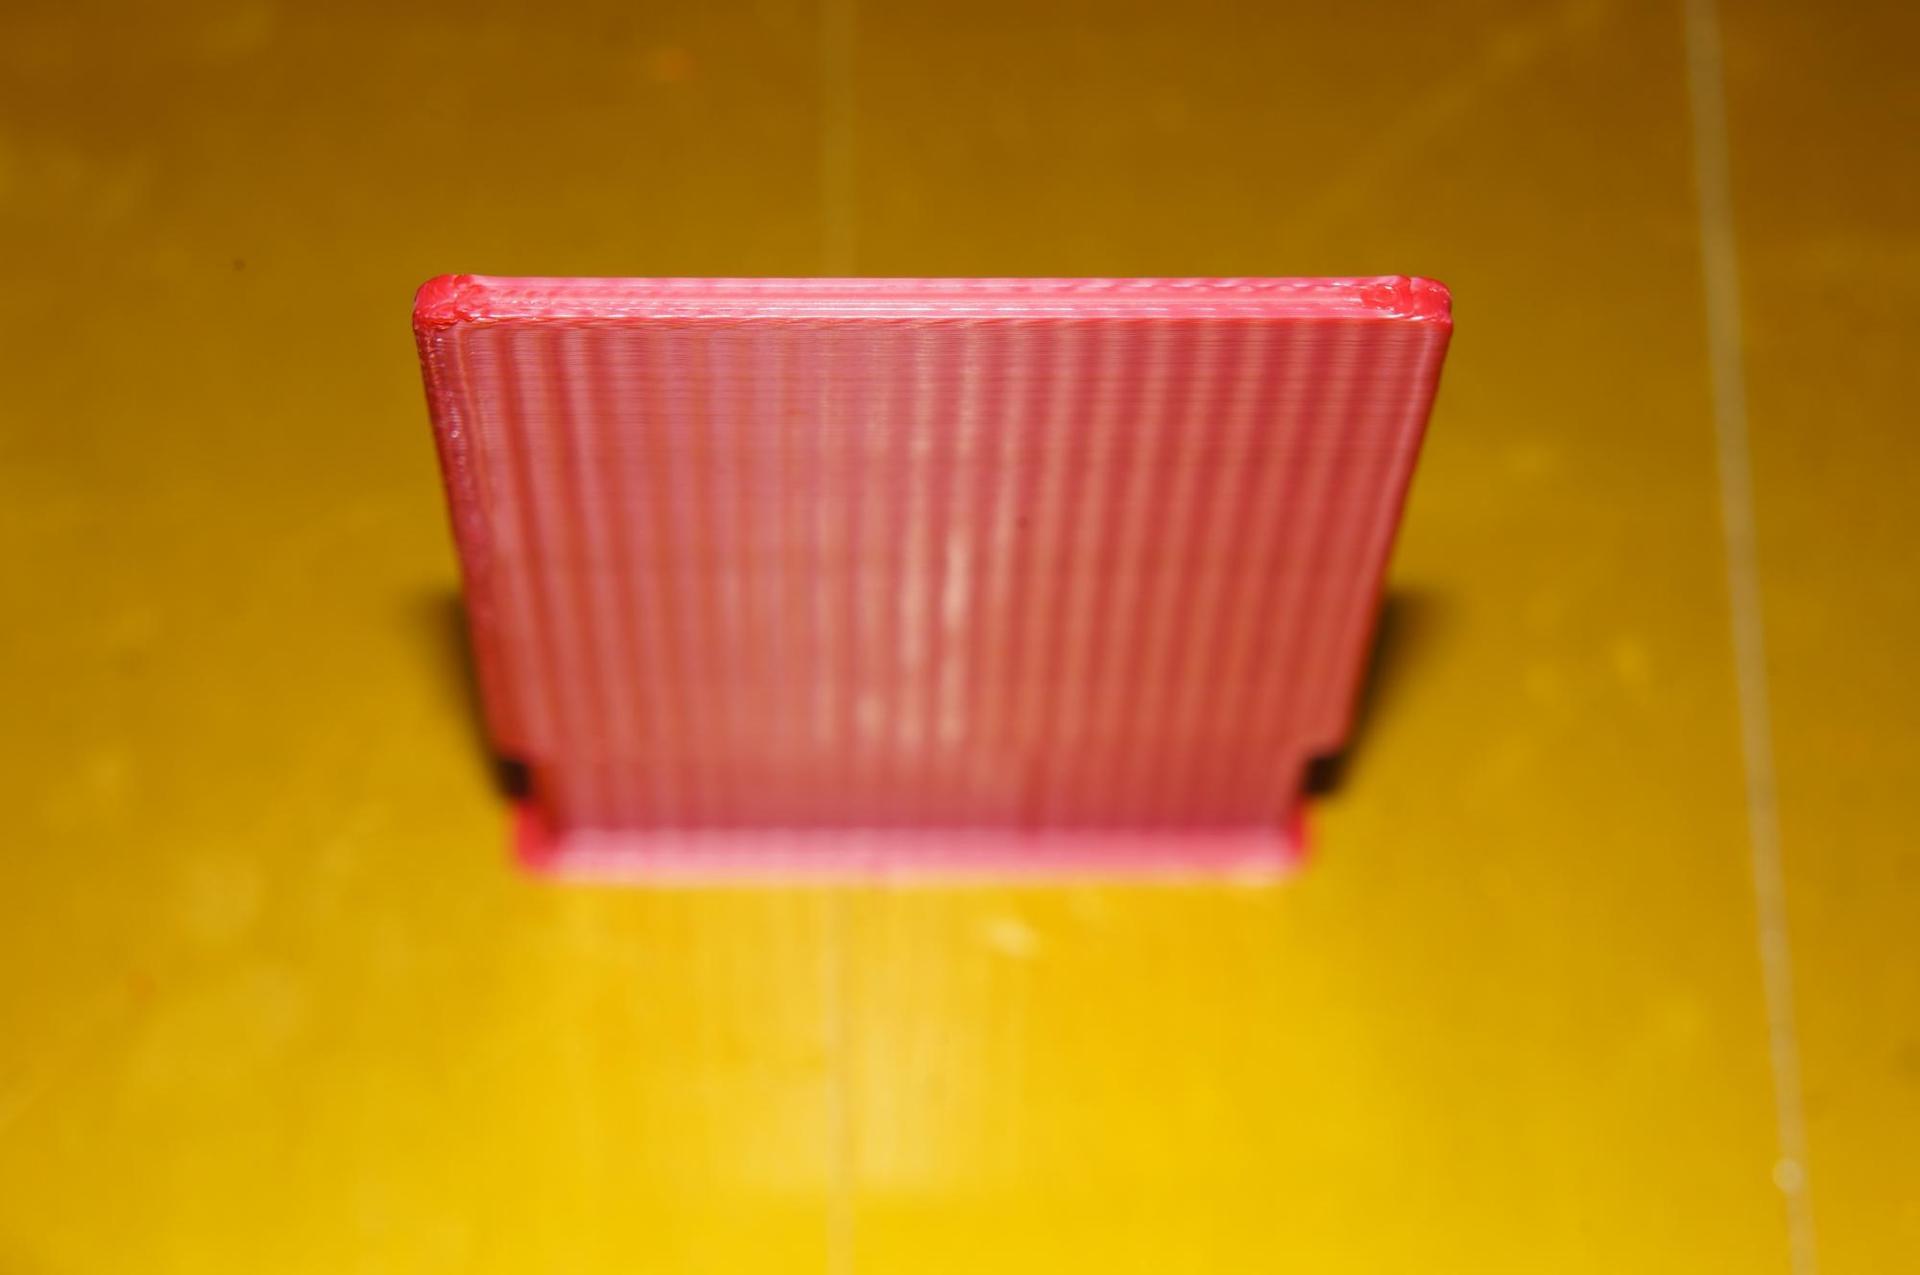 Обзор принтера от flsun с большой областью печати - 12